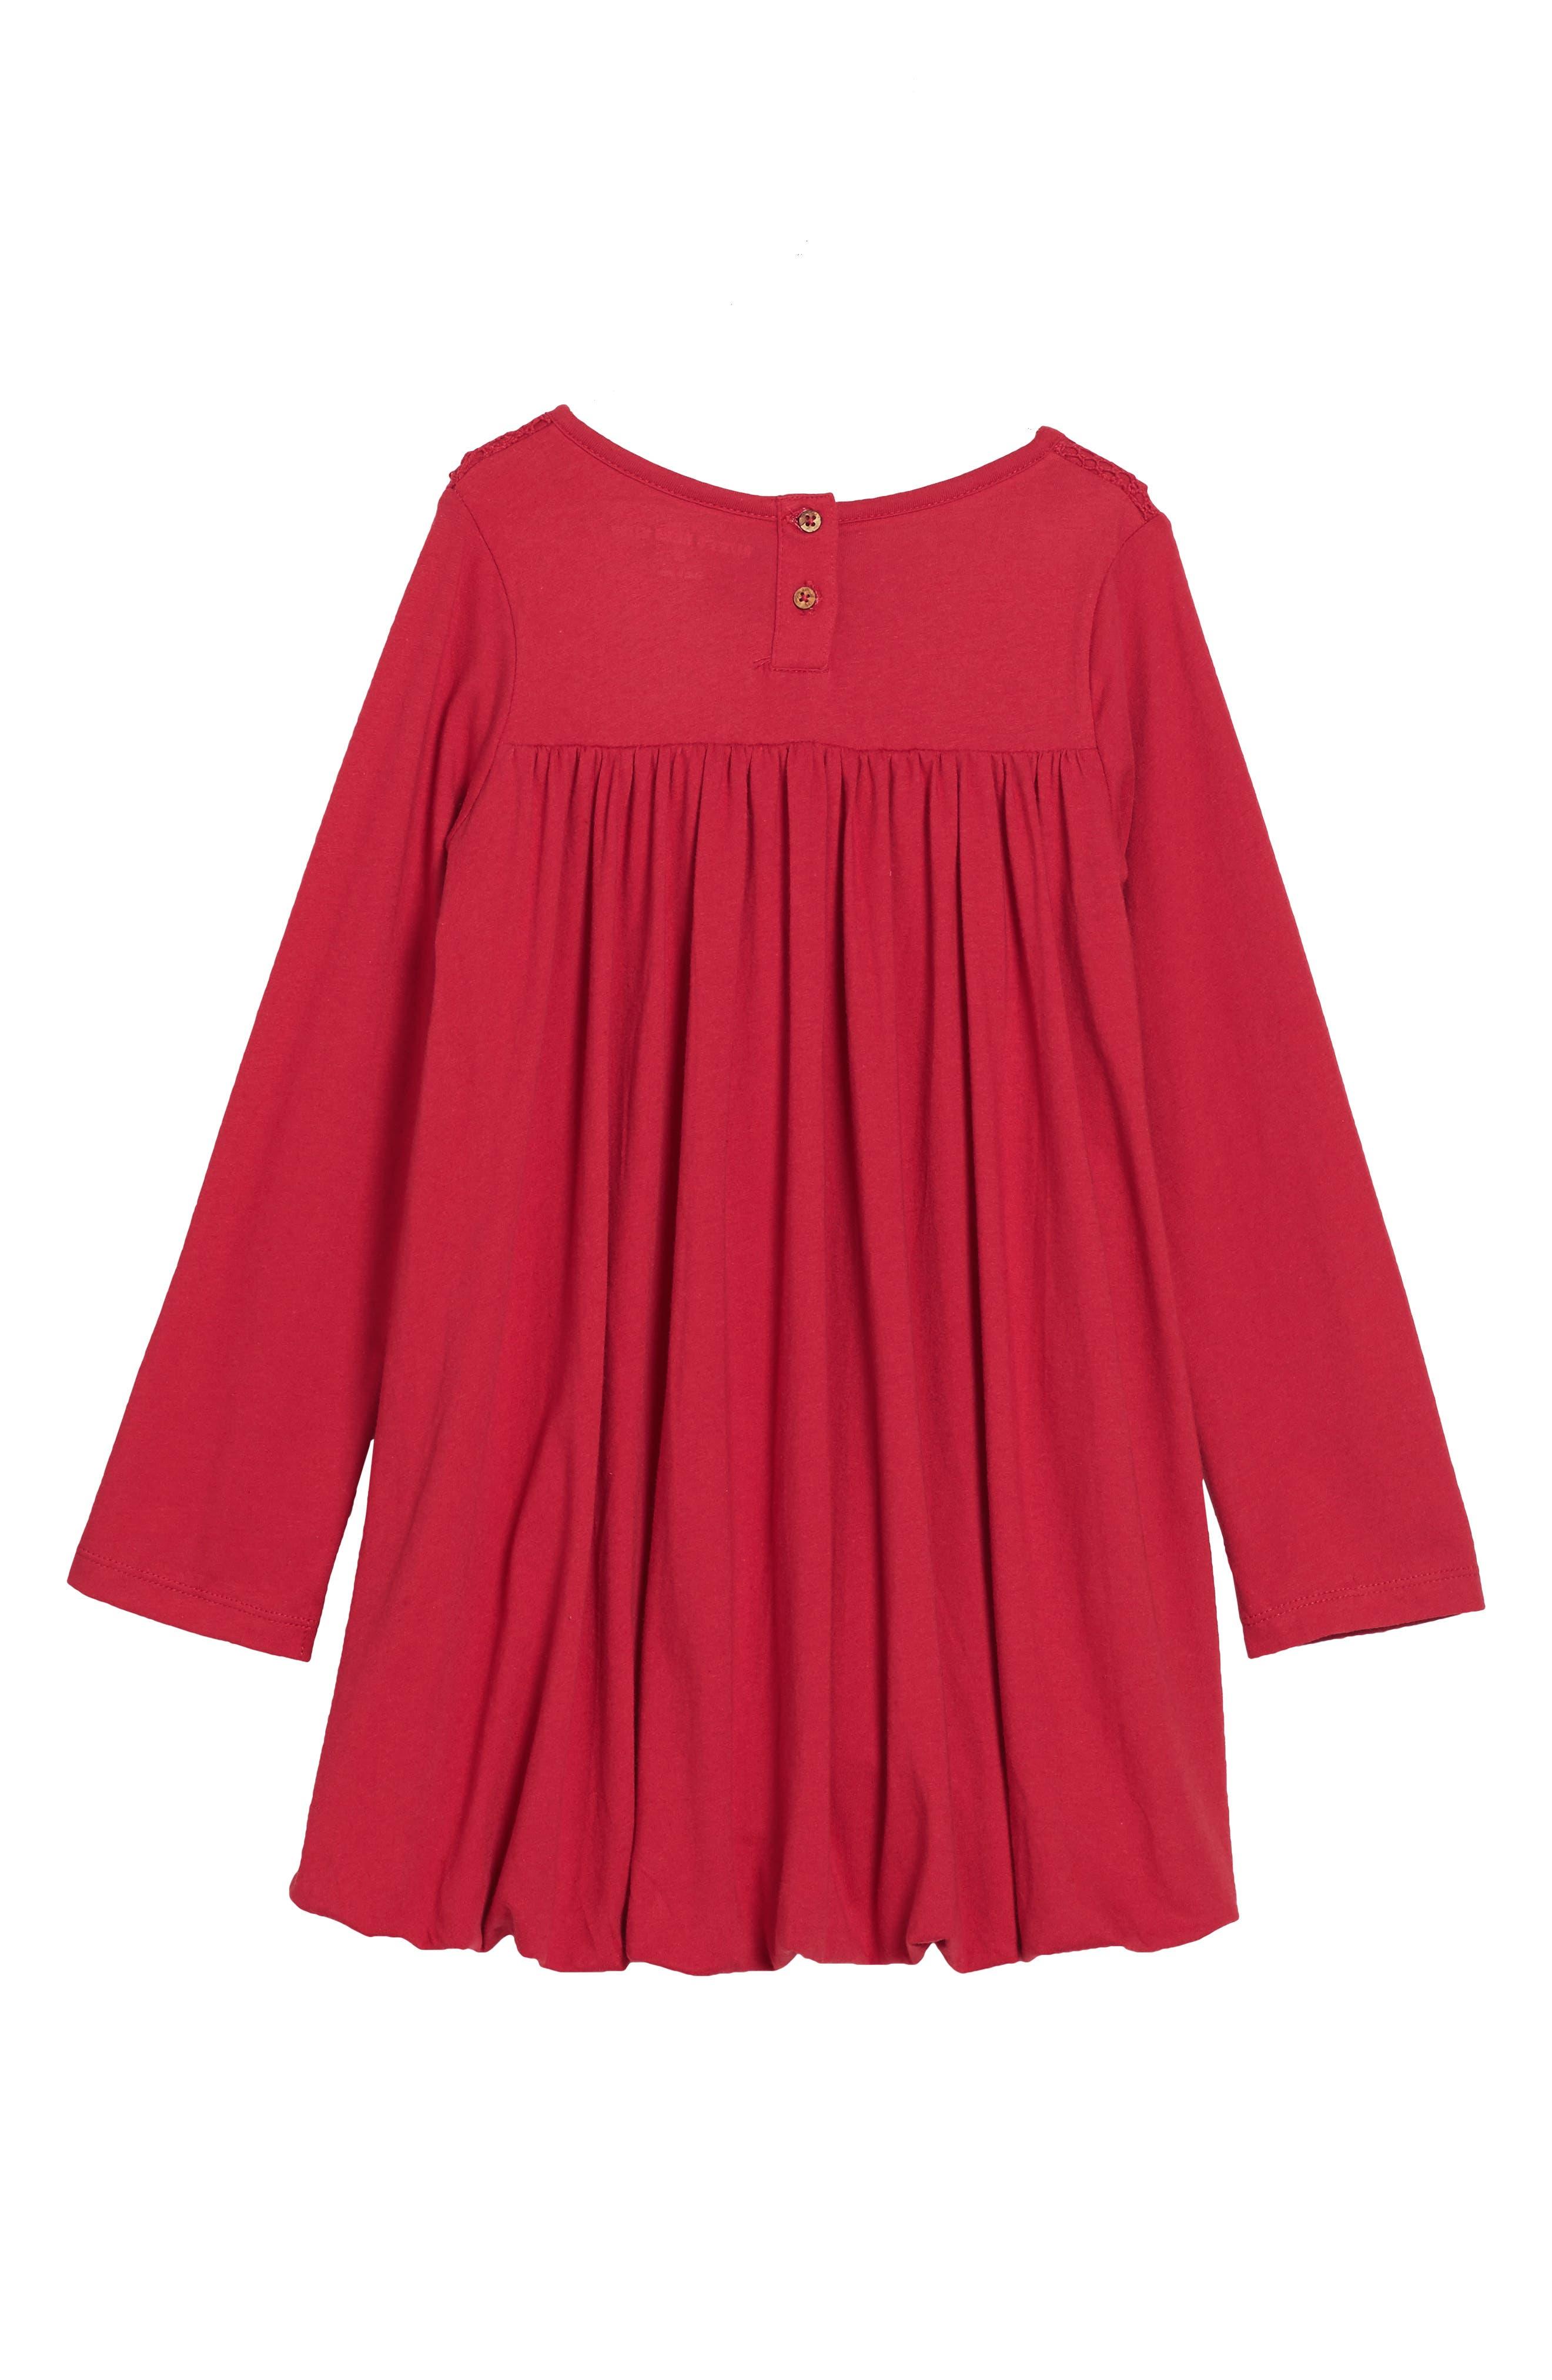 Organic Cotton Bubble Dress,                             Alternate thumbnail 2, color,                             Cranberry